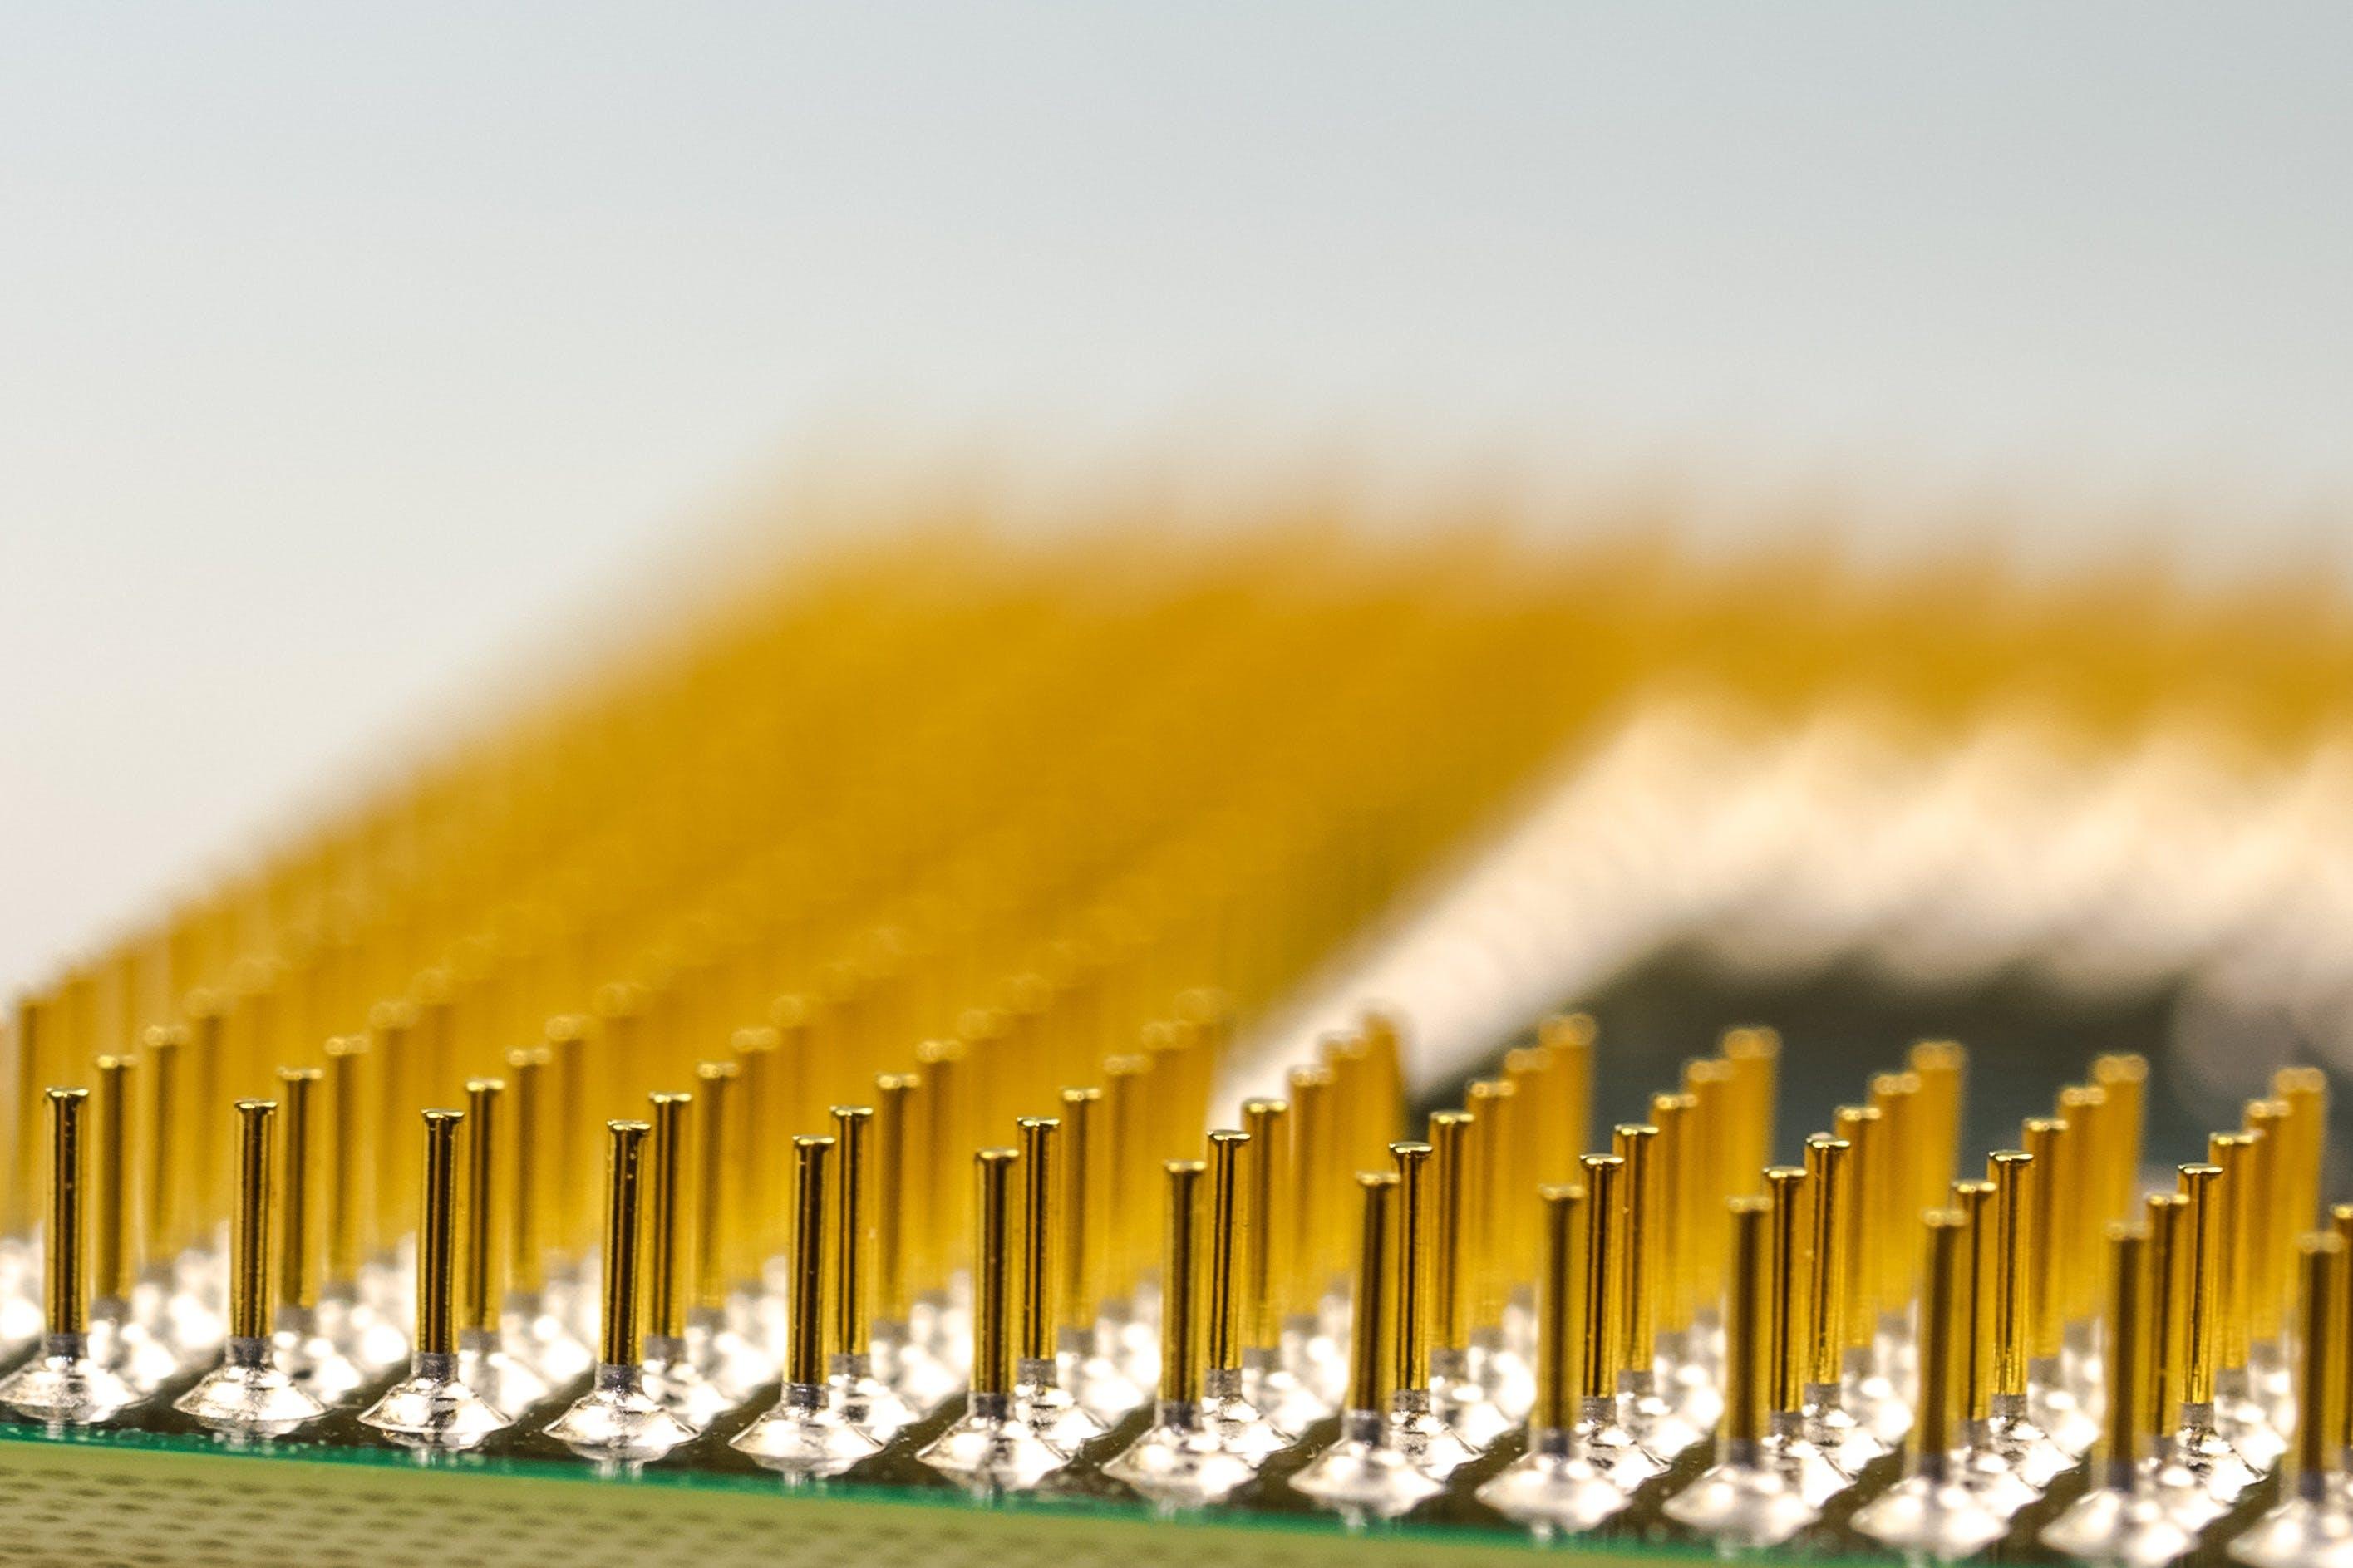 https://images.pexels.com/photos/40848/pins-cpu-processor-macro-40848.jpeg?auto=compress&cs=tinysrgb&dpr=2&h=650&w=940